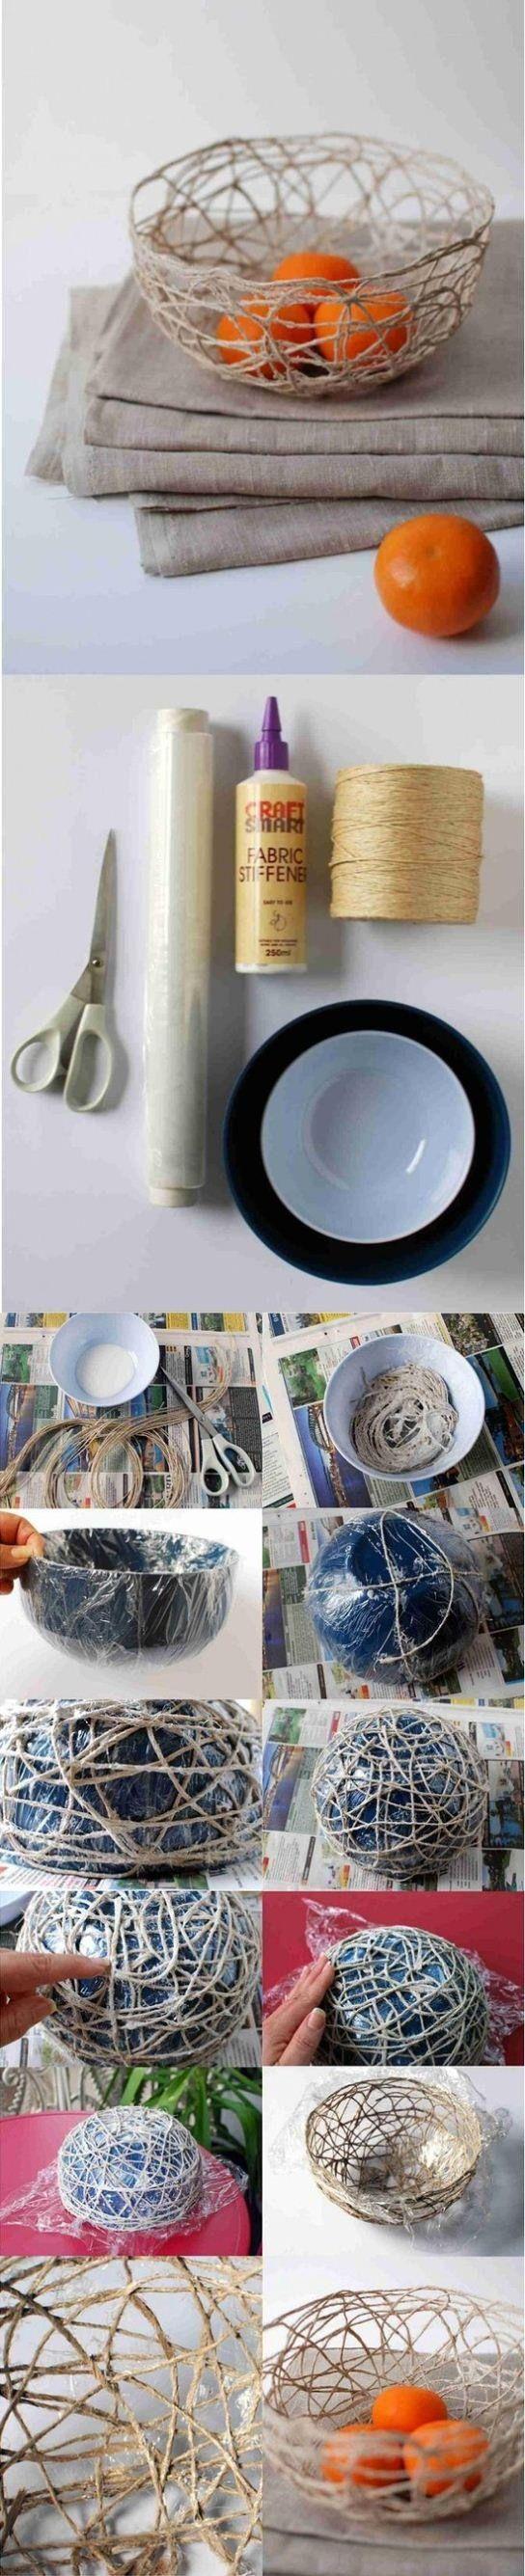 18 kreative und nützliche Beliebte DIY-Ideen für Ihr Zuhause